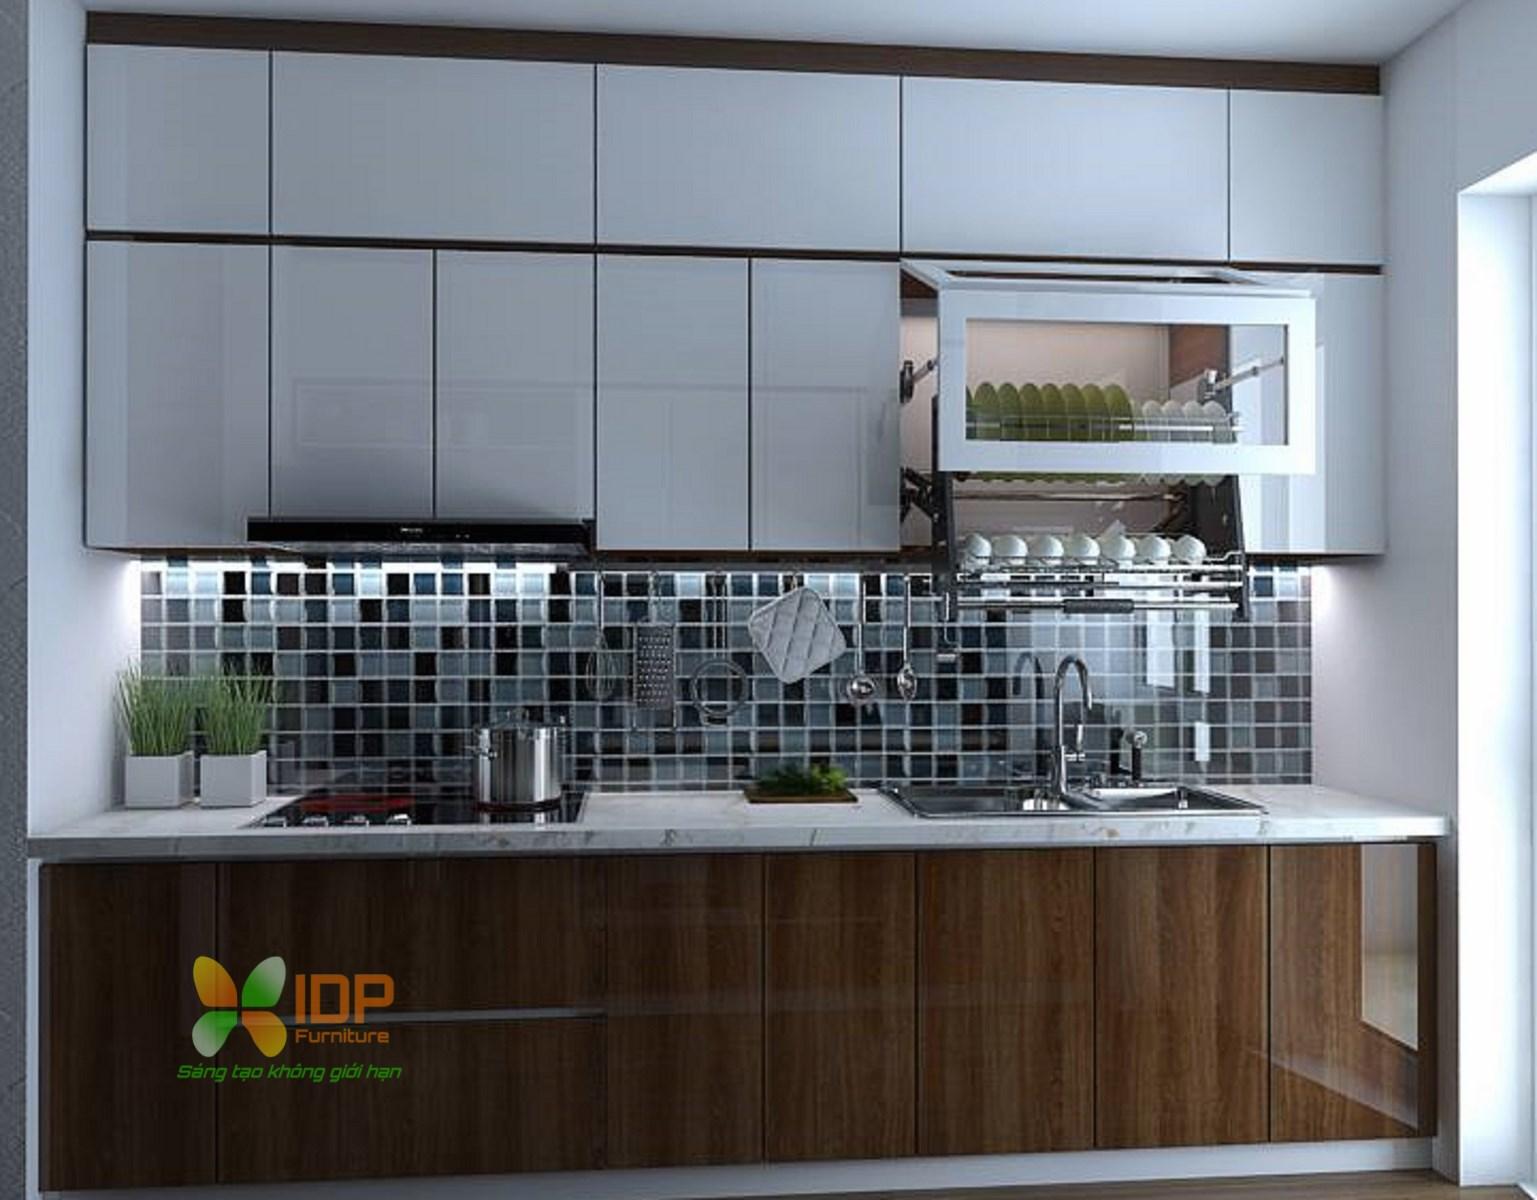 thiết kế tủ bếp nhỏ đẹp hiện đại